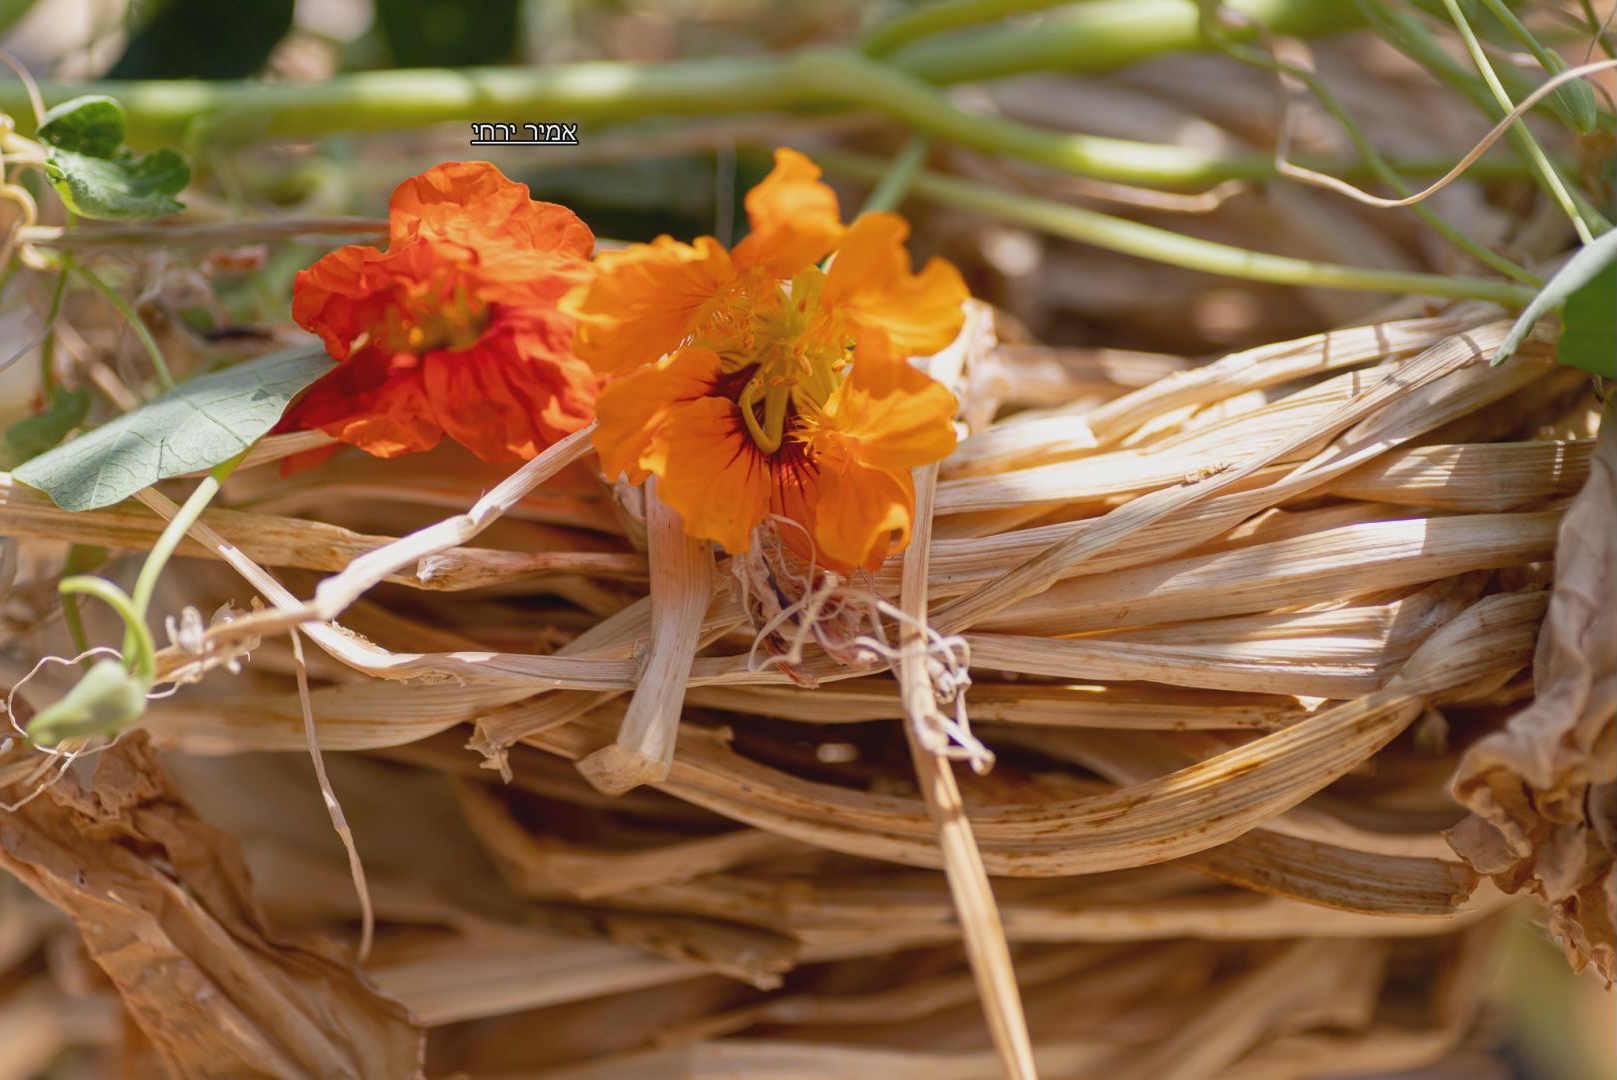 חפצים - עיצוב הבית ימי קורונה שאינם מפסיקים להפתיע</br>הכובע מכובע הנזיר